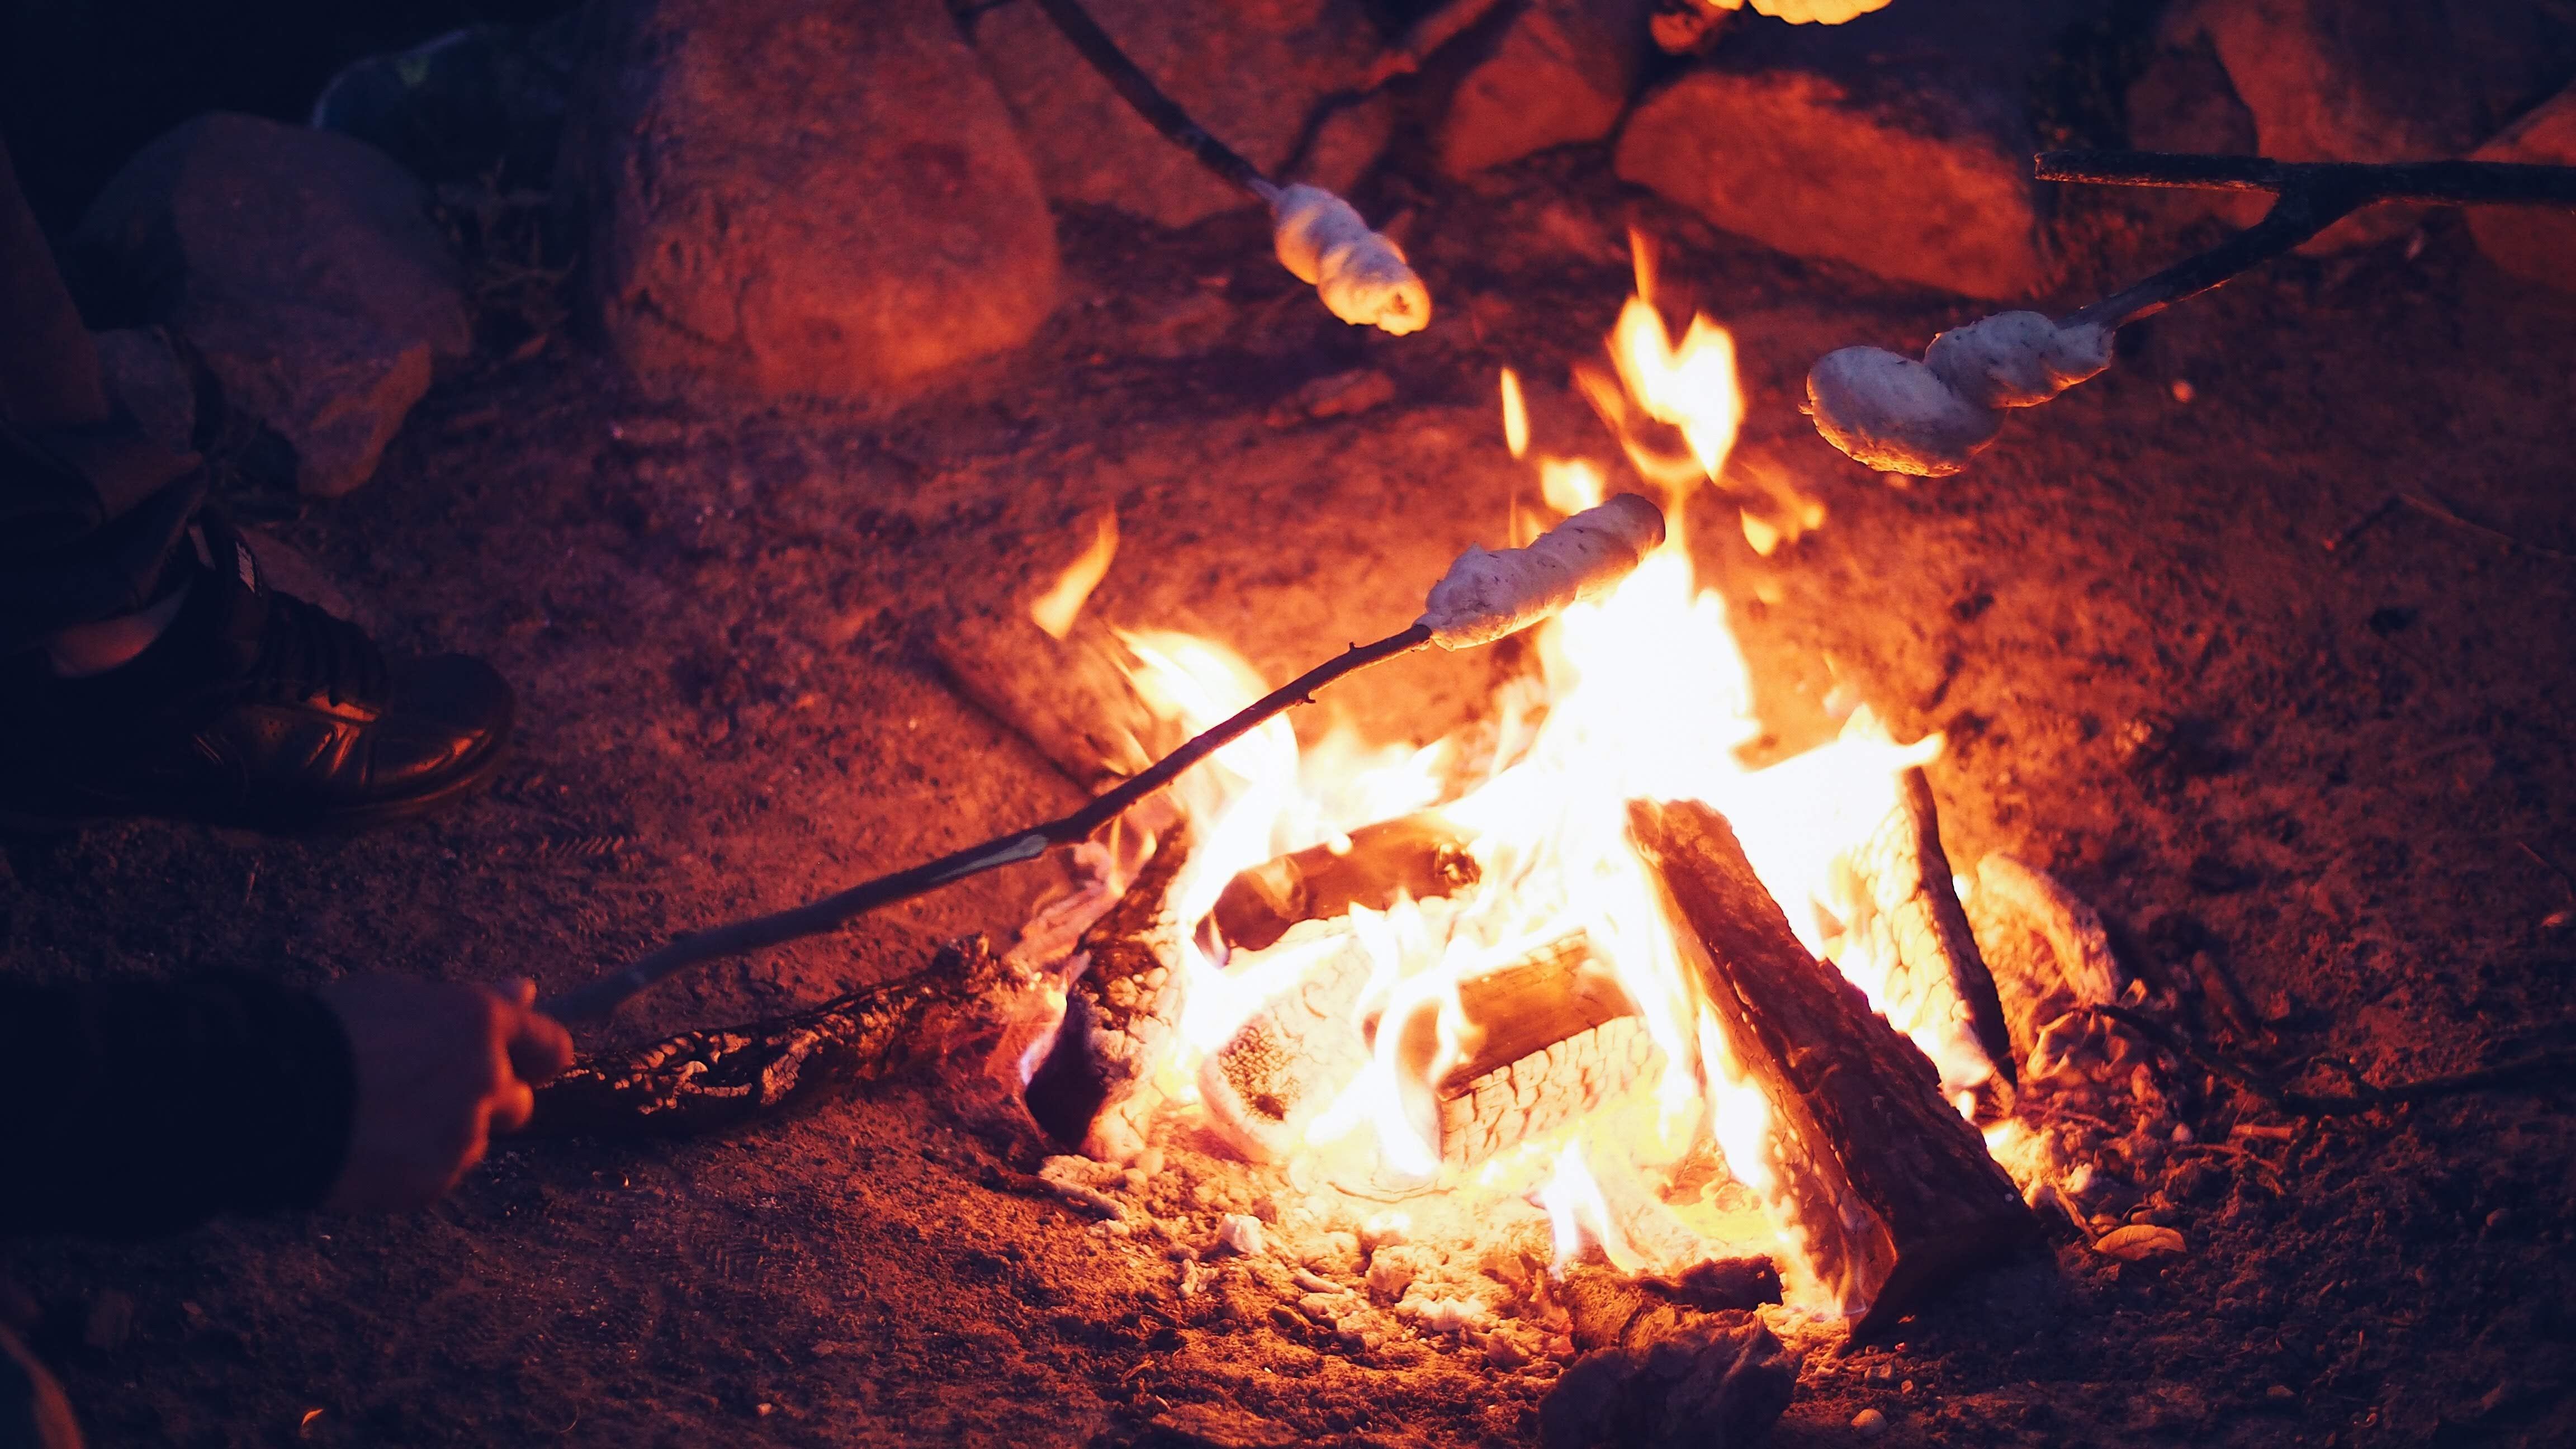 Fotos Gratis Parilla Hoguera Quemar Ardiente Quemado Cocina